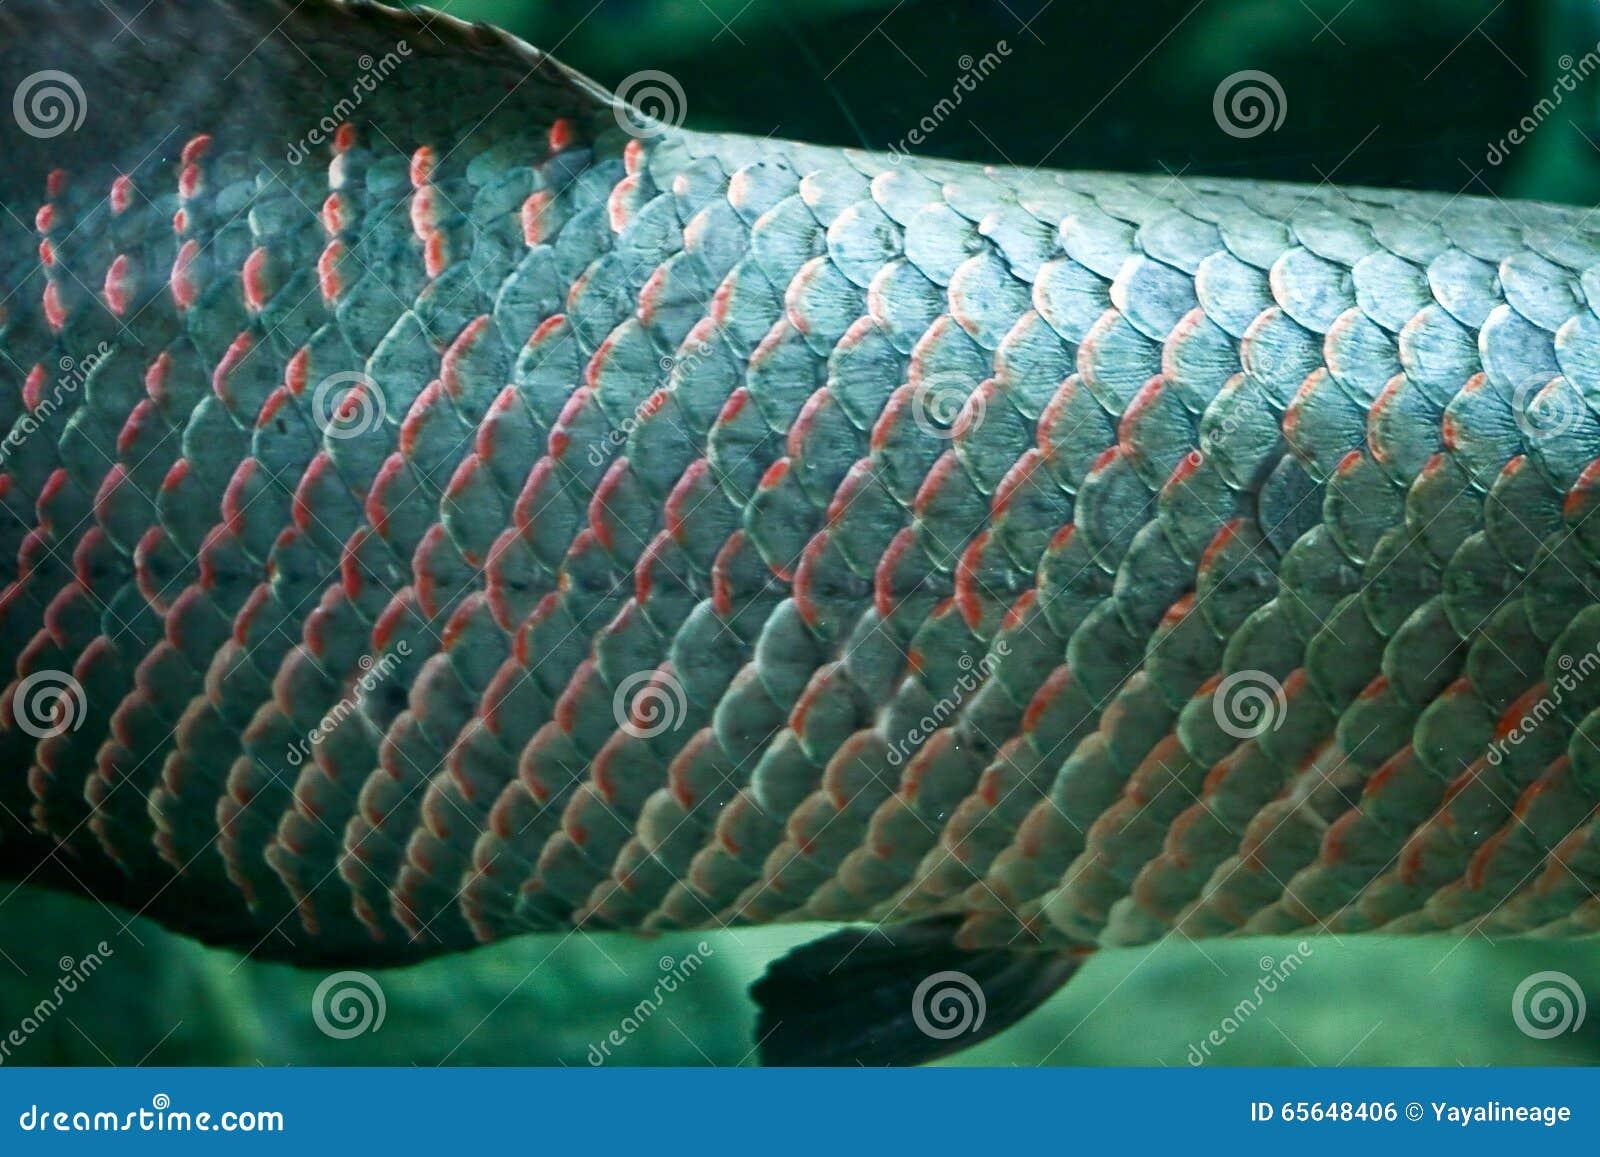 Échelle de poissons